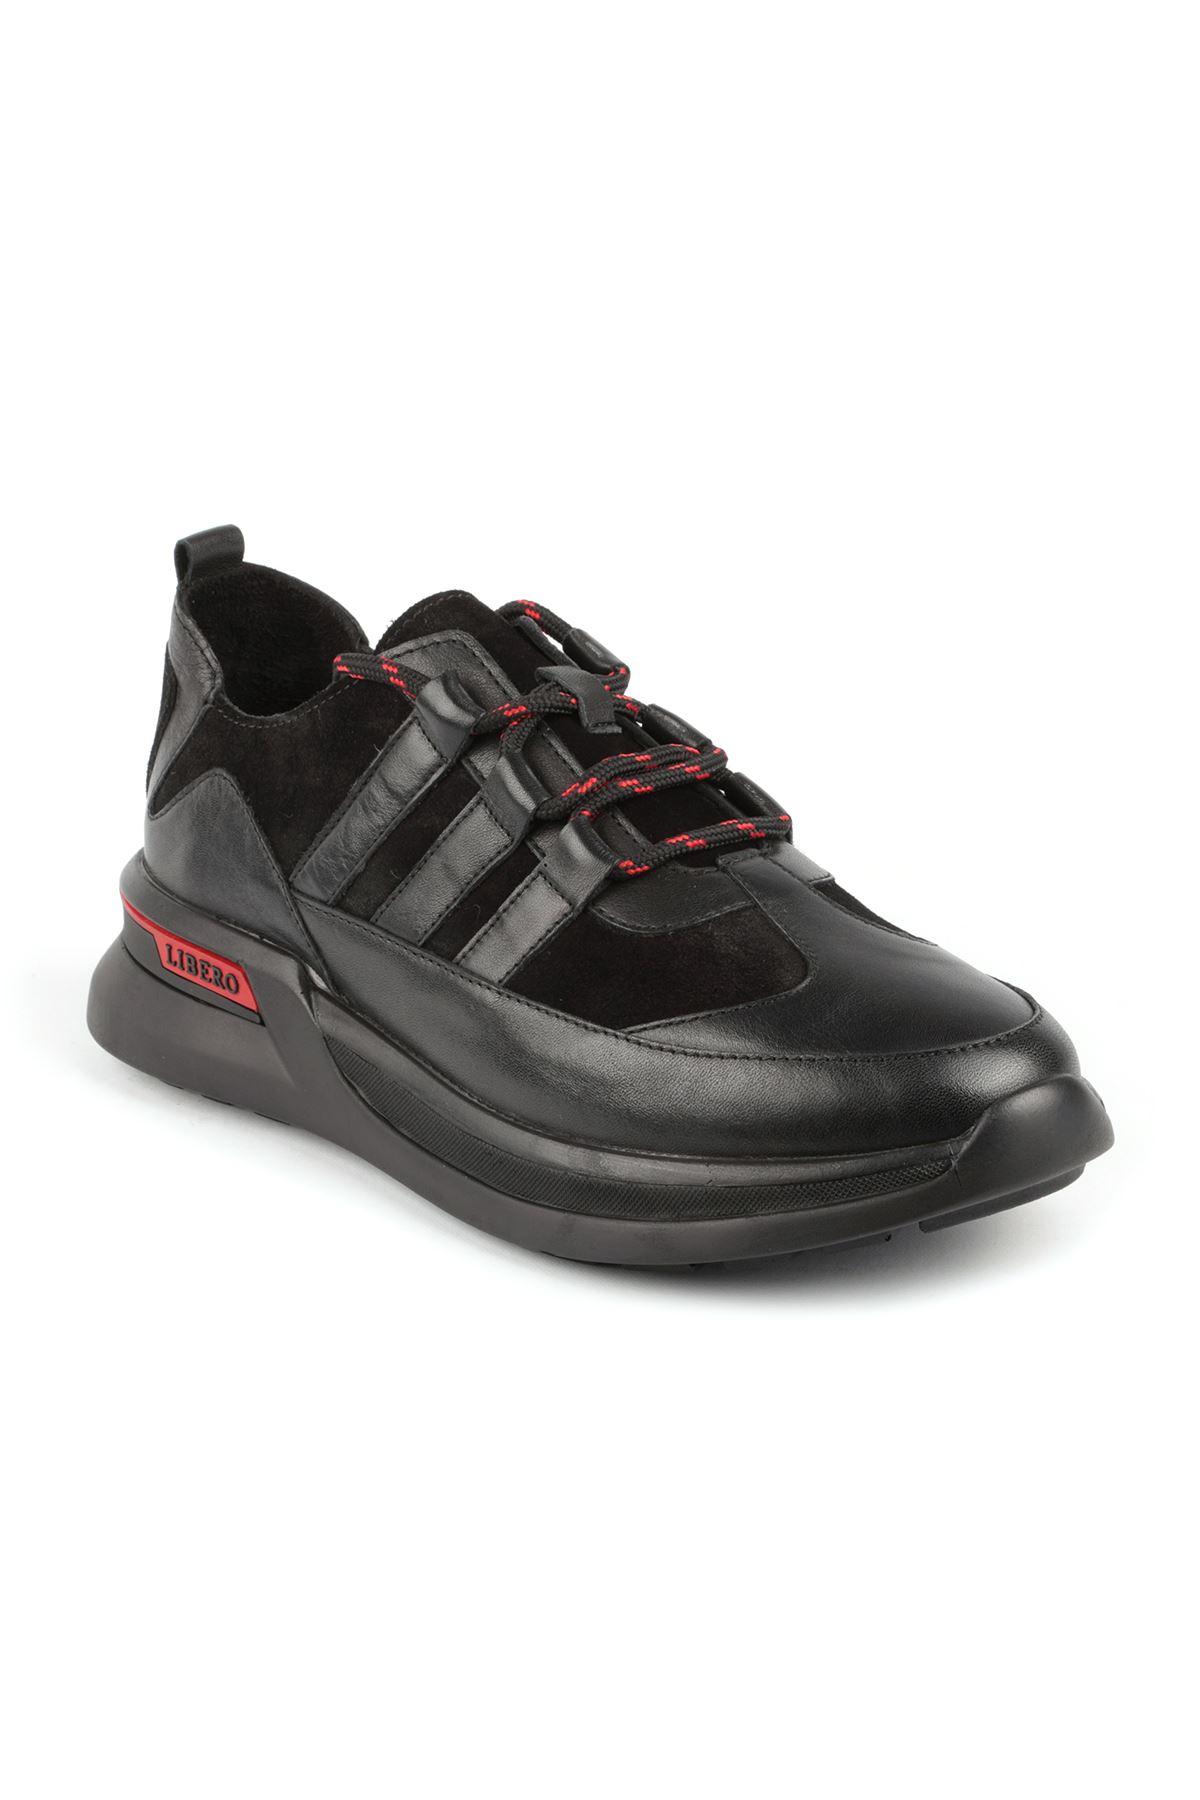 Libero L3598 Siyah Spor Ayakkabı